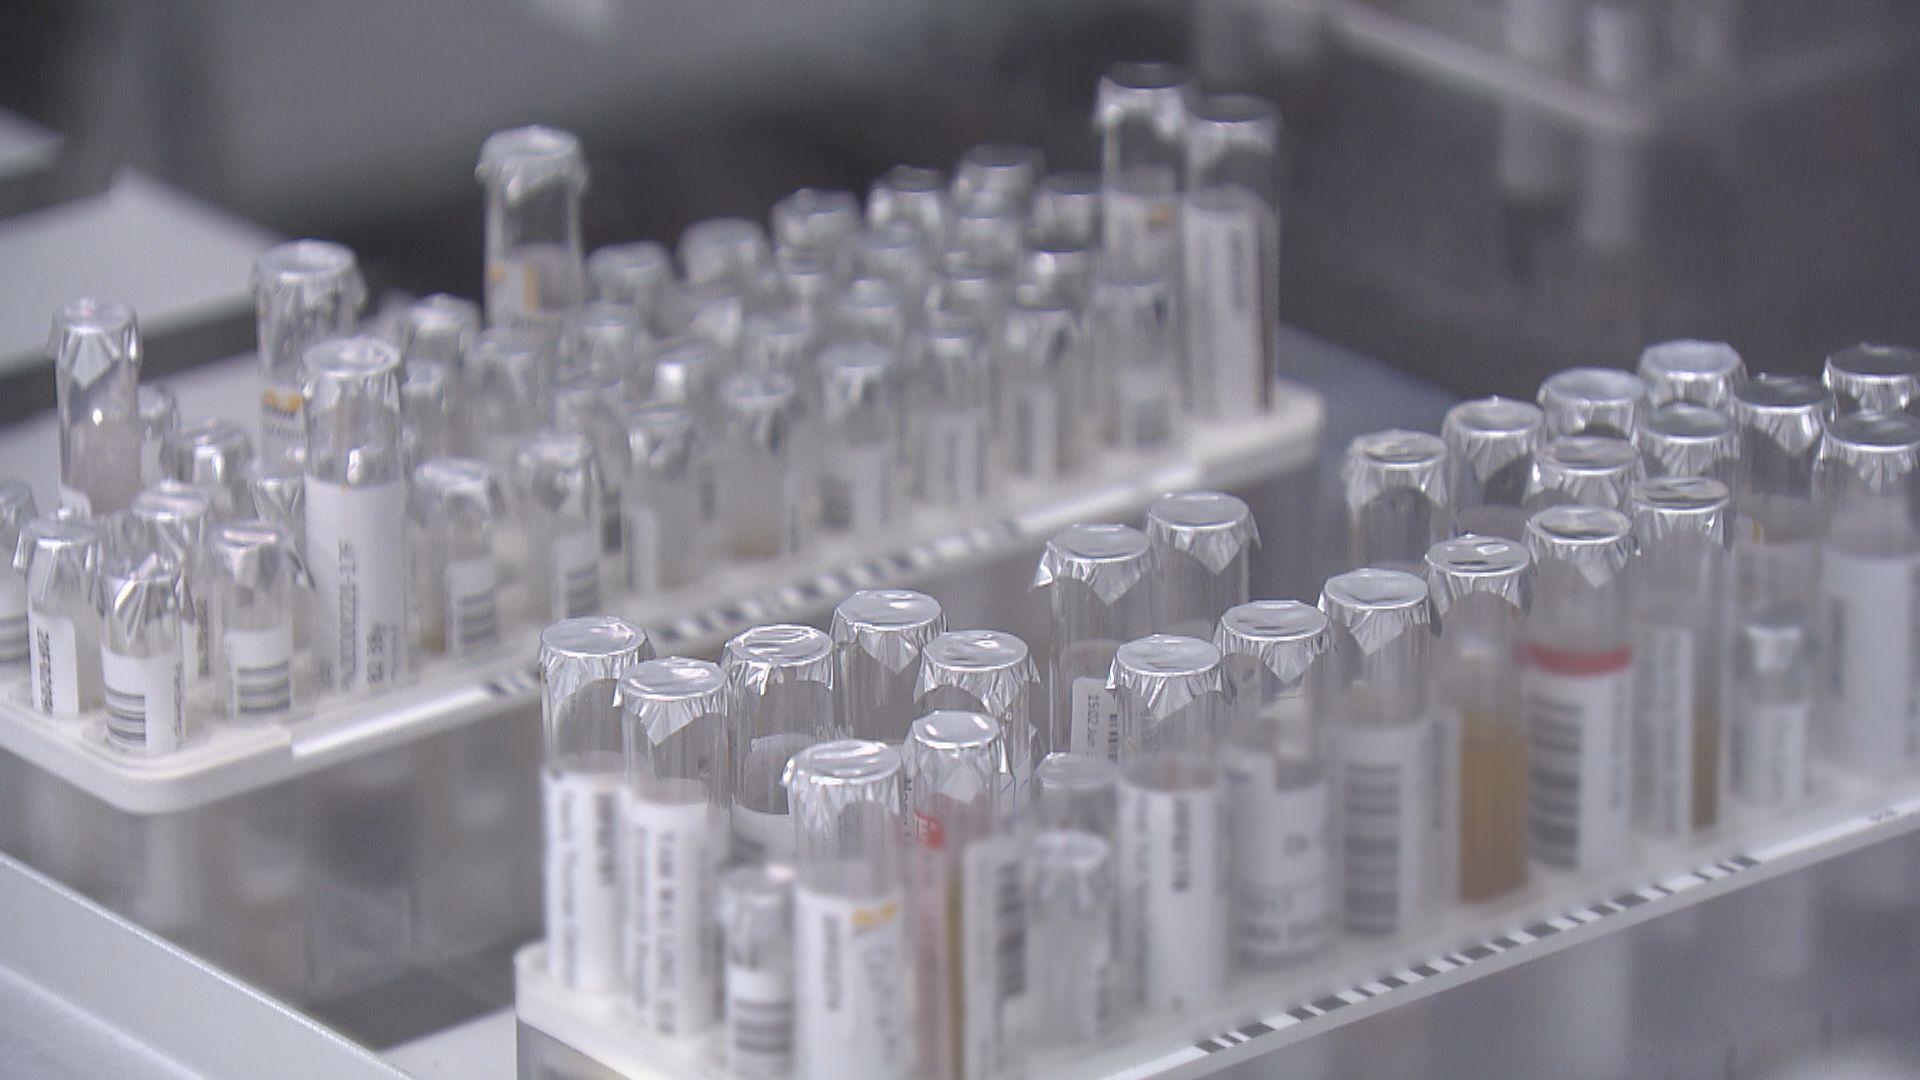 外傭美國抽血送港驗抗體獲縮檢疫期 衞生防護中心調查有否違規